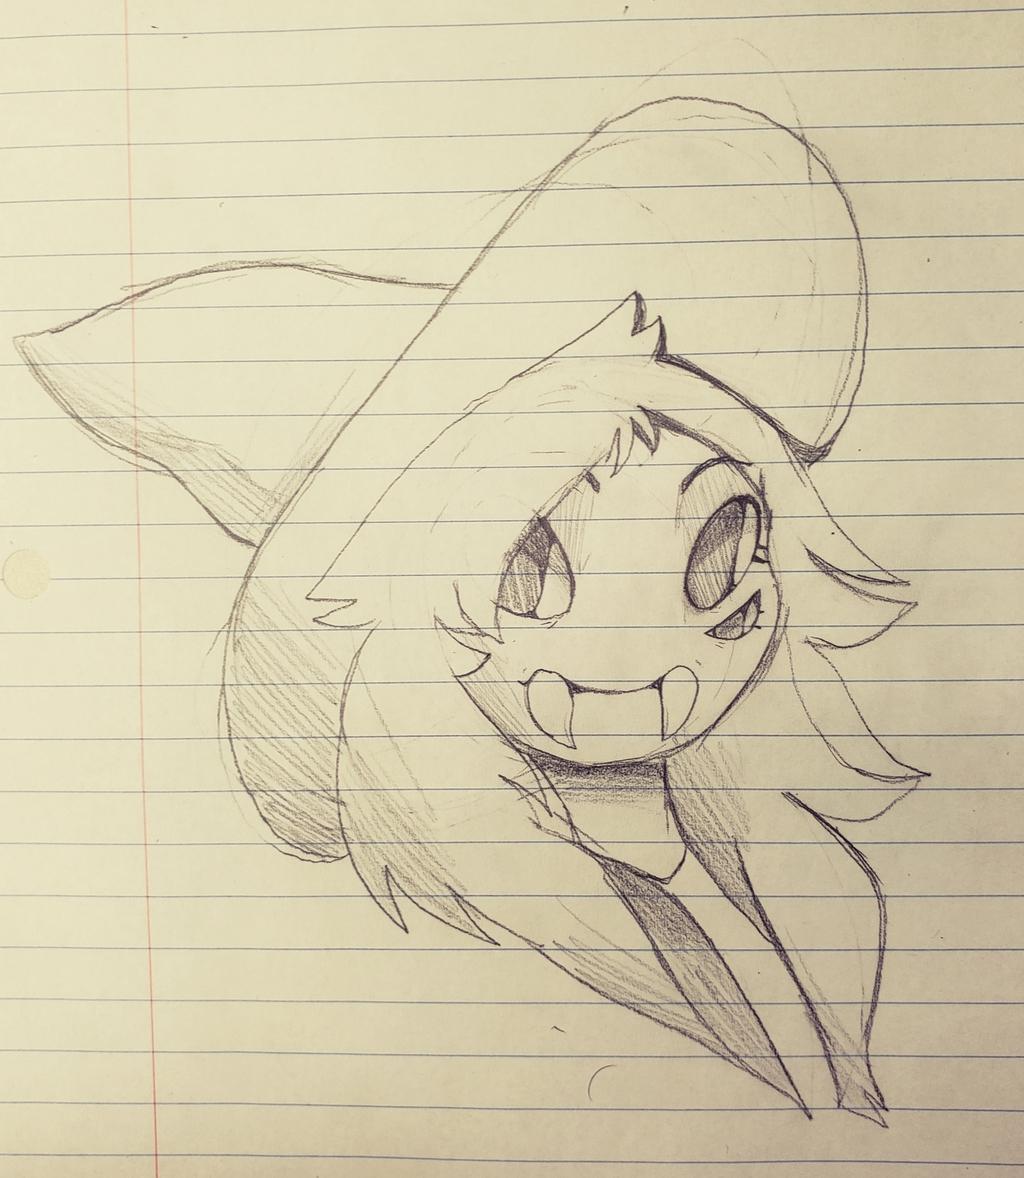 [P] Spider Sketch